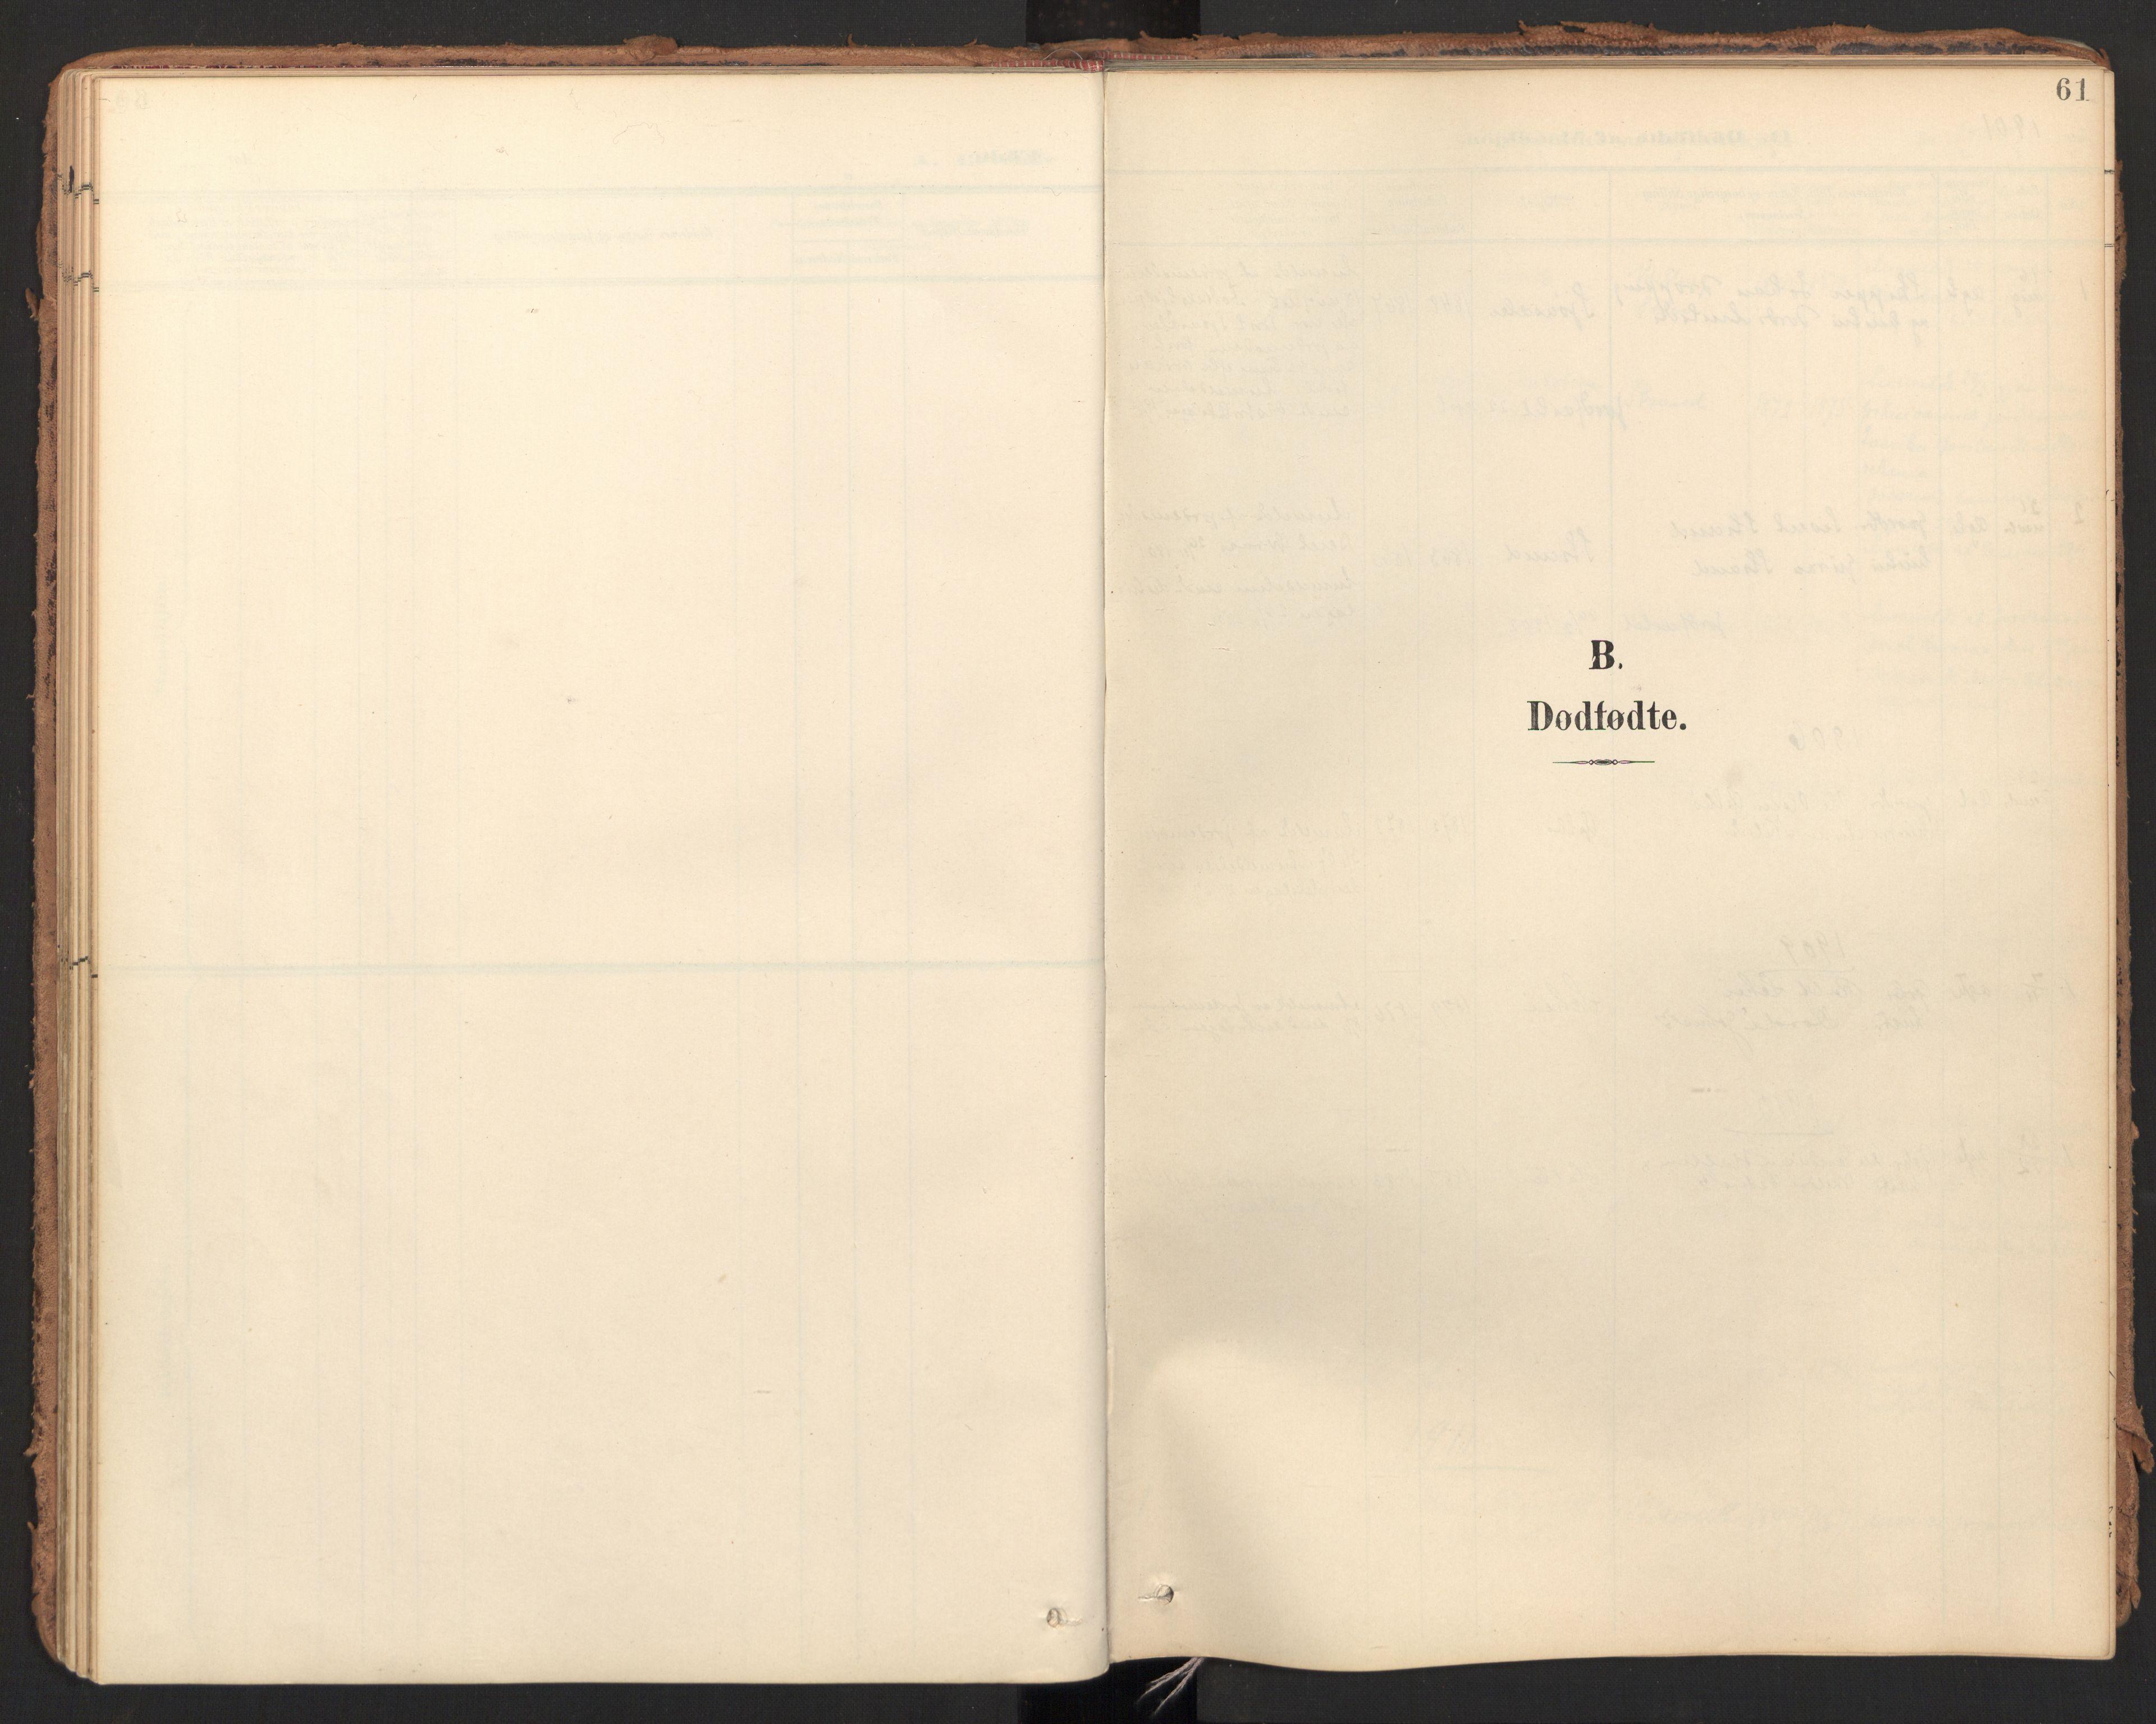 SAT, Ministerialprotokoller, klokkerbøker og fødselsregistre - Møre og Romsdal, 596/L1057: Ministerialbok nr. 596A02, 1900-1917, s. 61